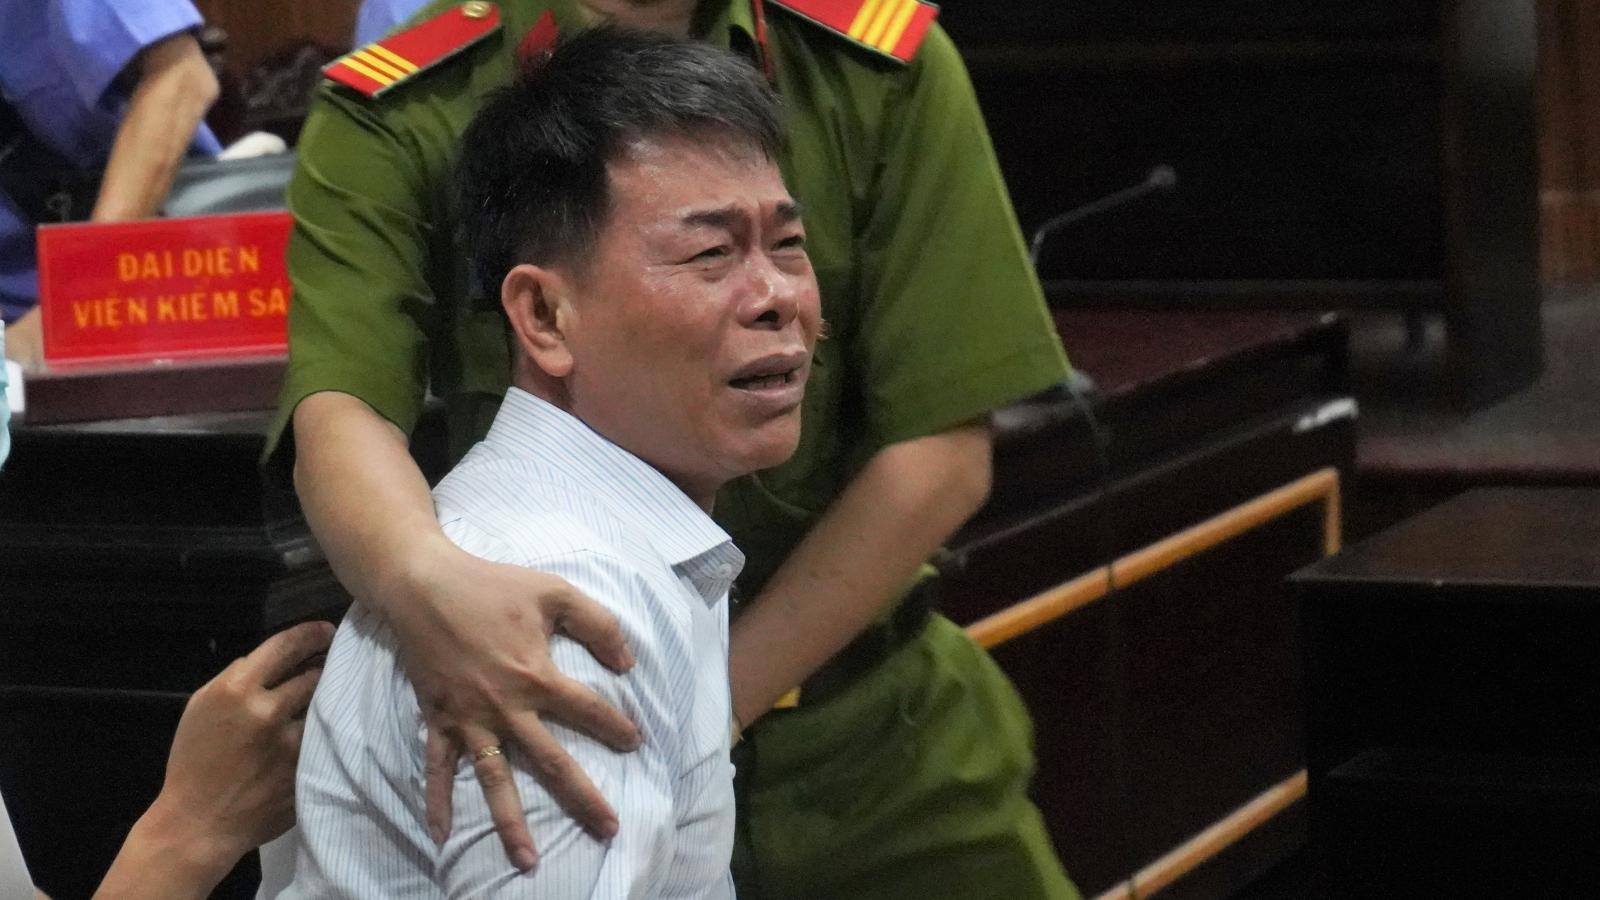 Xâm phạm chỗ ở của người khác, cựu Phó Chánh án TAND lĩnh án 1 năm 5 tháng tù